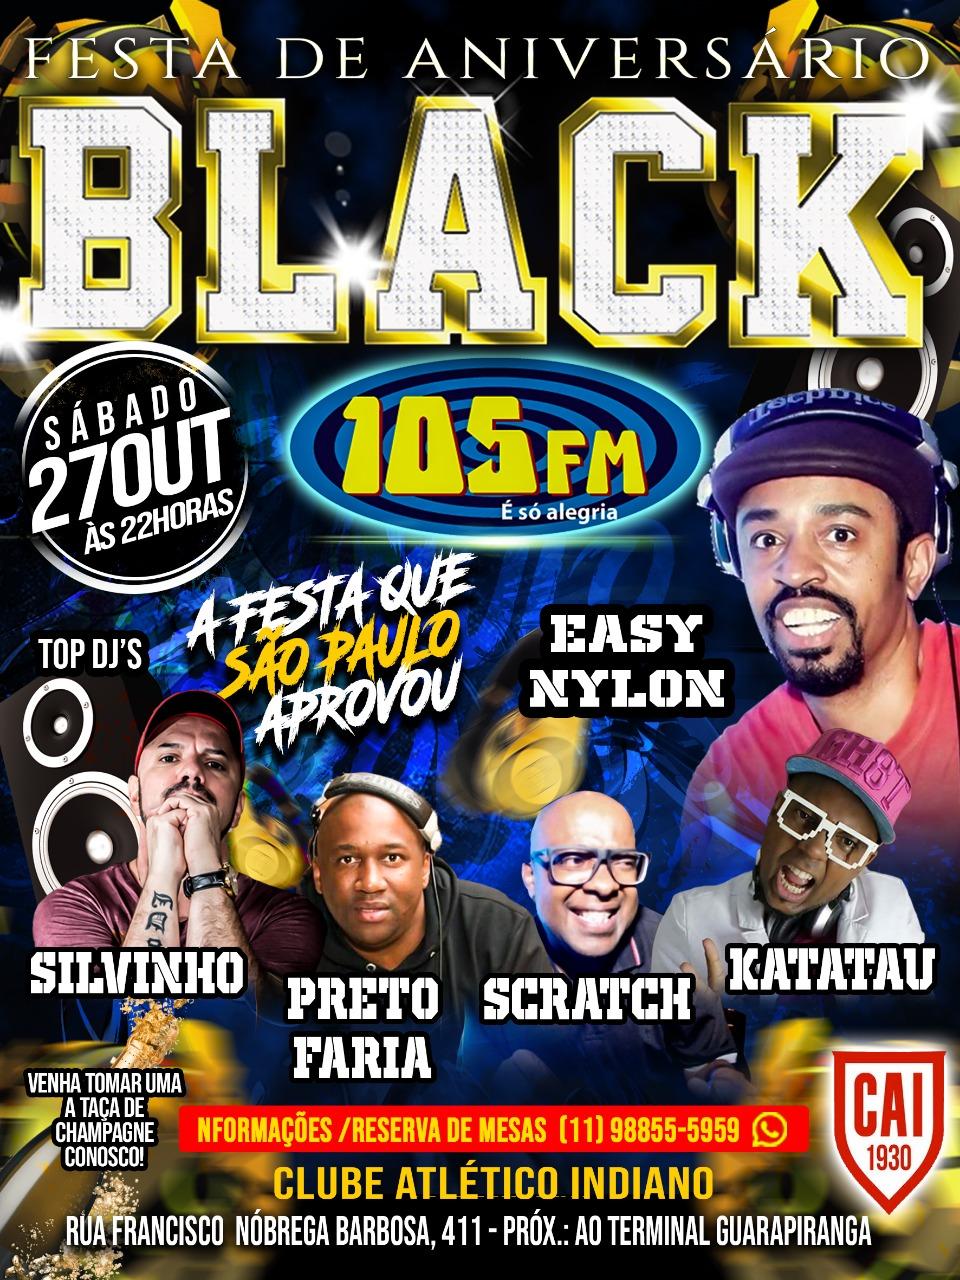 Festa de Aniversário Black 105 fm acontece no Clube Atlético Indiano; ZS de Sampa #nota